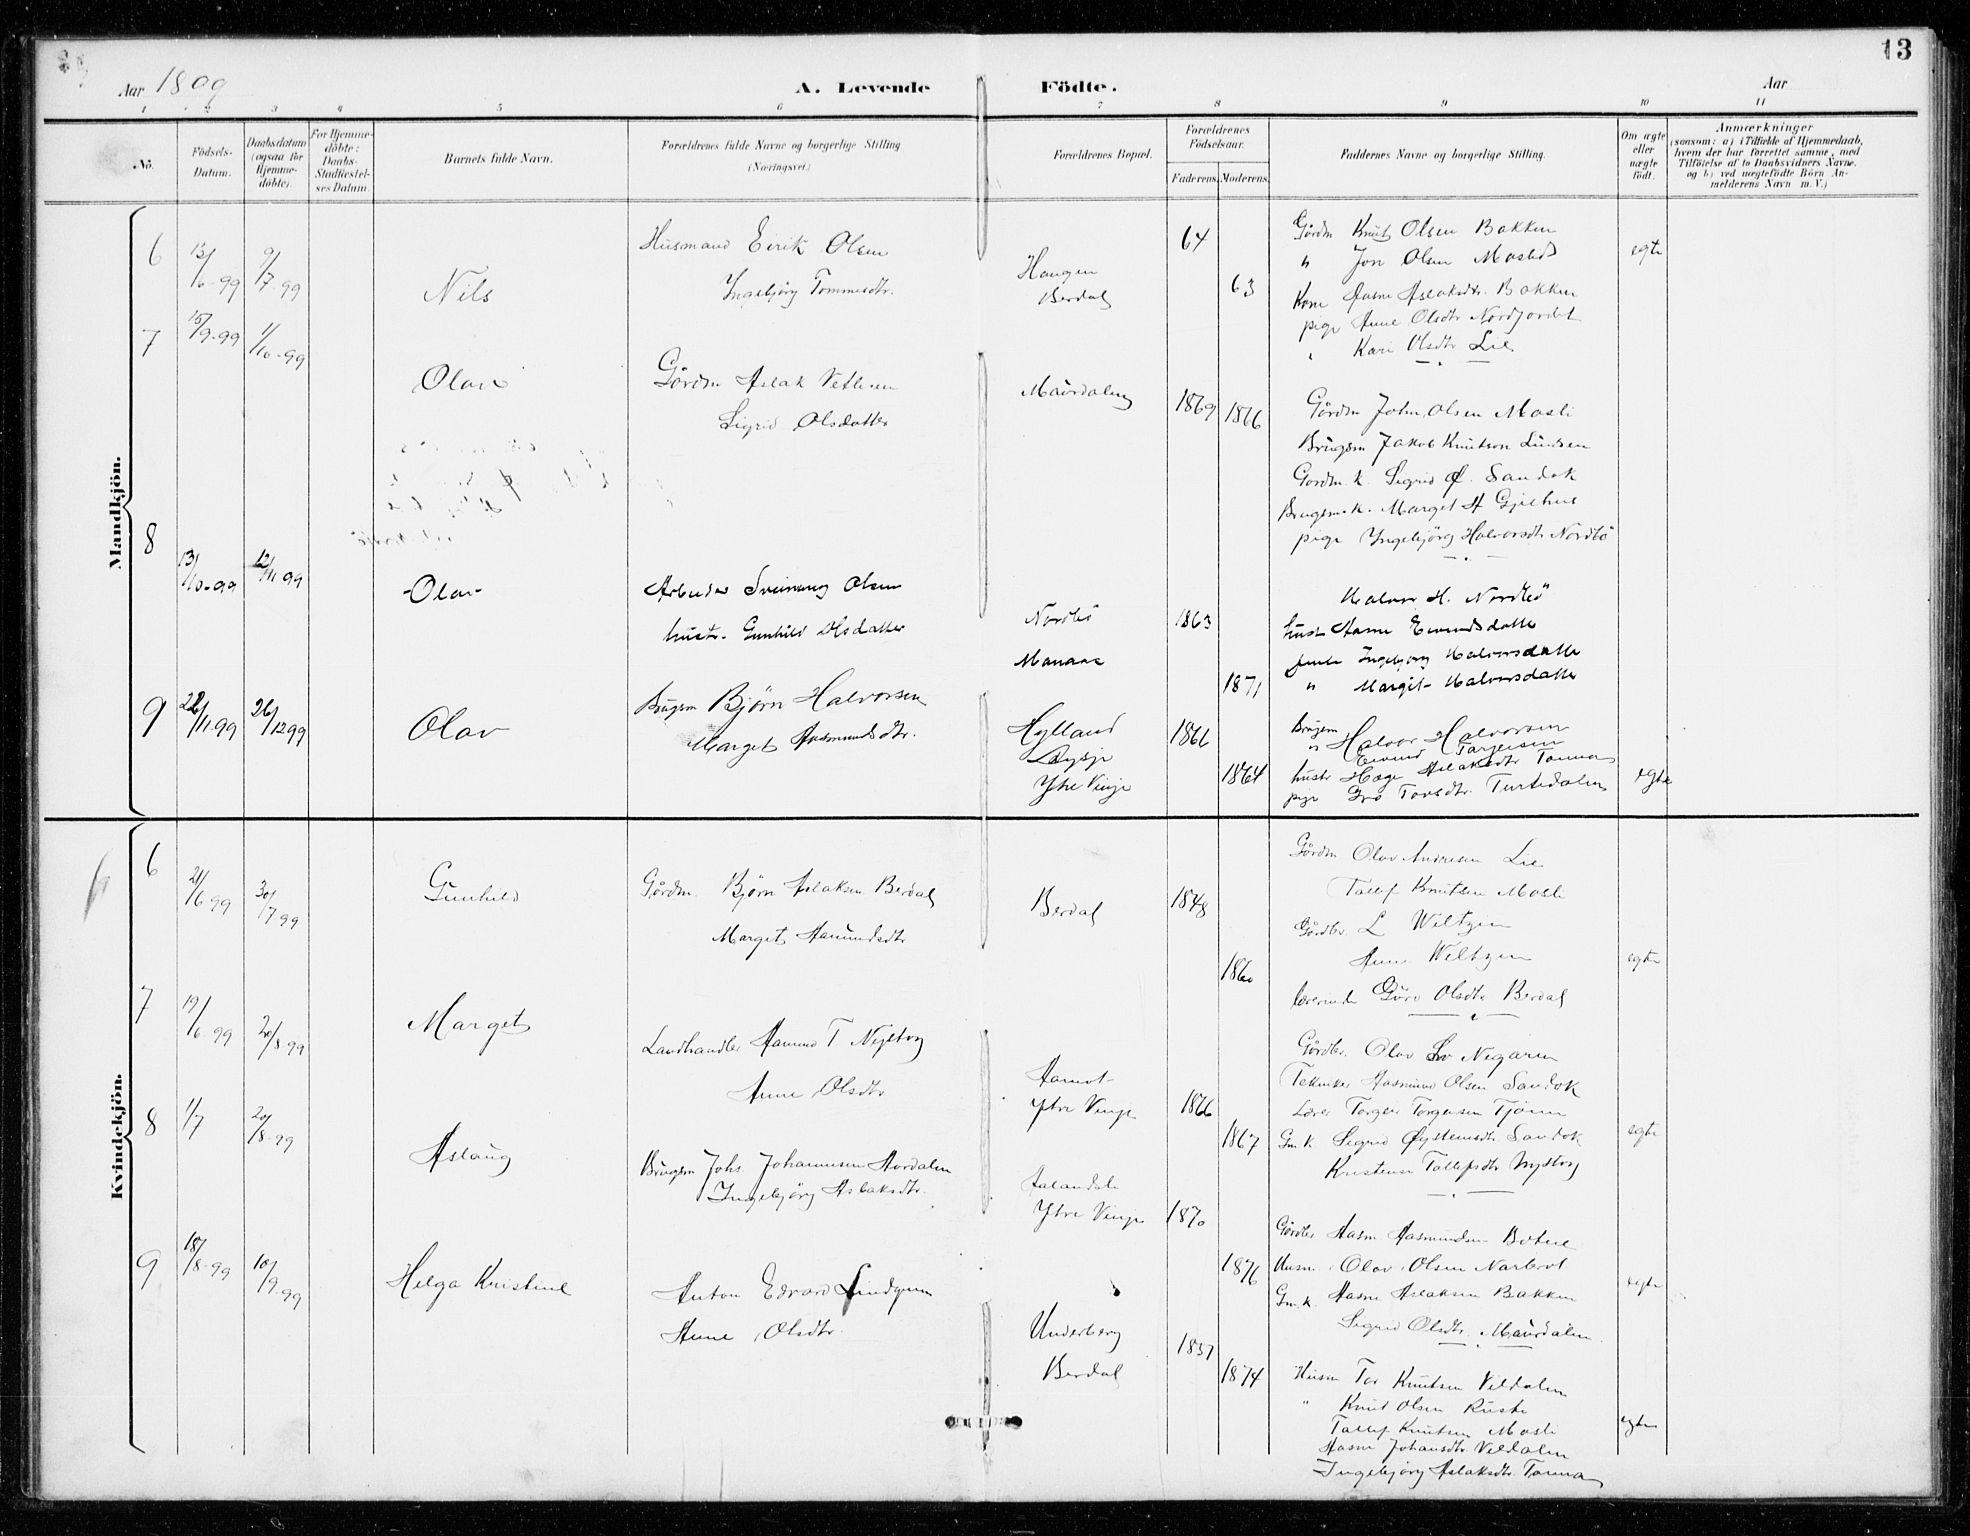 SAKO, Vinje kirkebøker, G/Gb/L0003: Klokkerbok nr. II 3, 1892-1943, s. 13